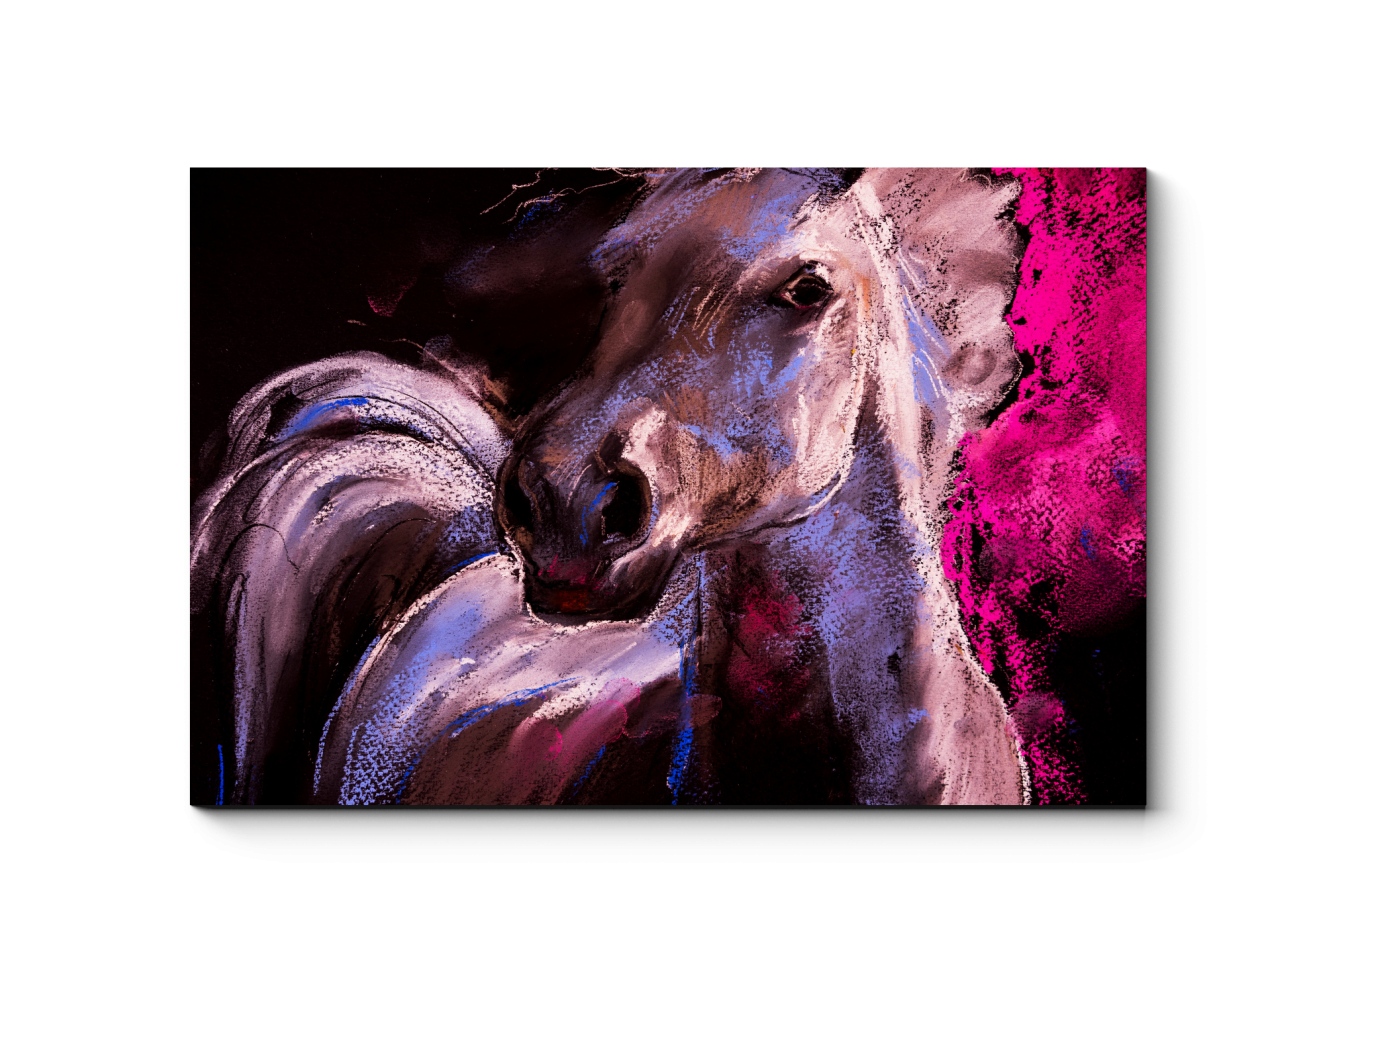 Модульная картина Портрет белой лошади (30x20) фото